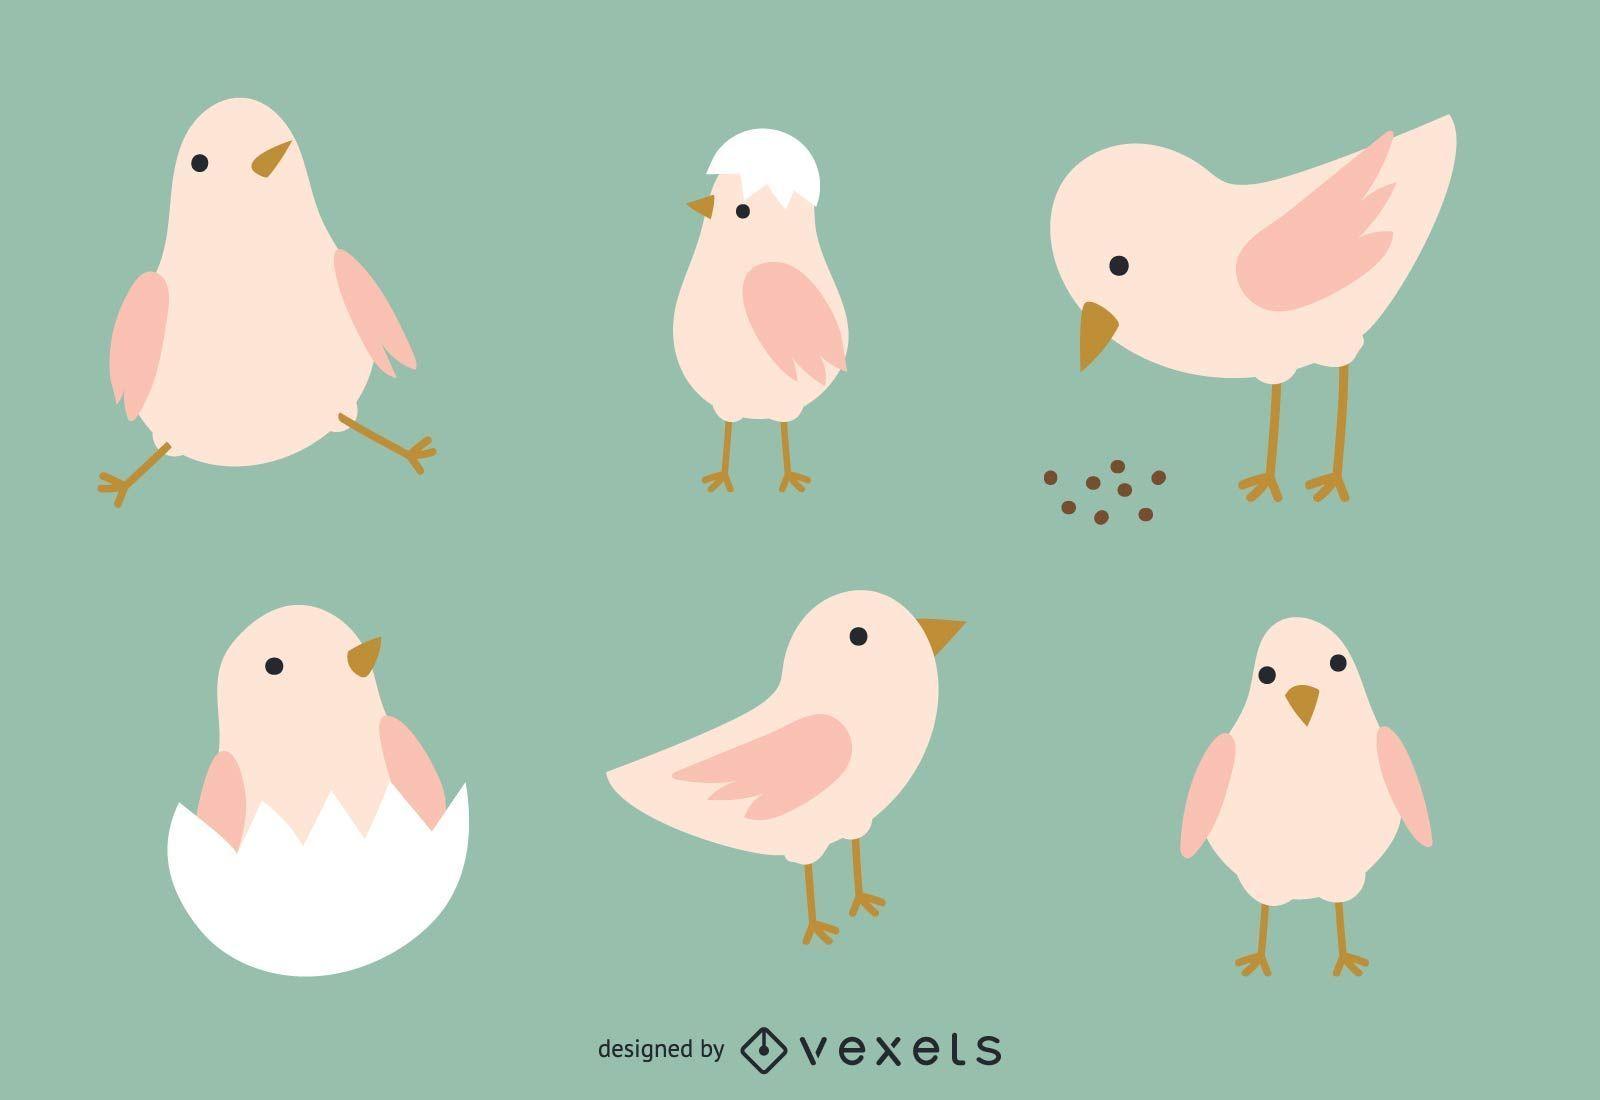 Chicken Illustration Set